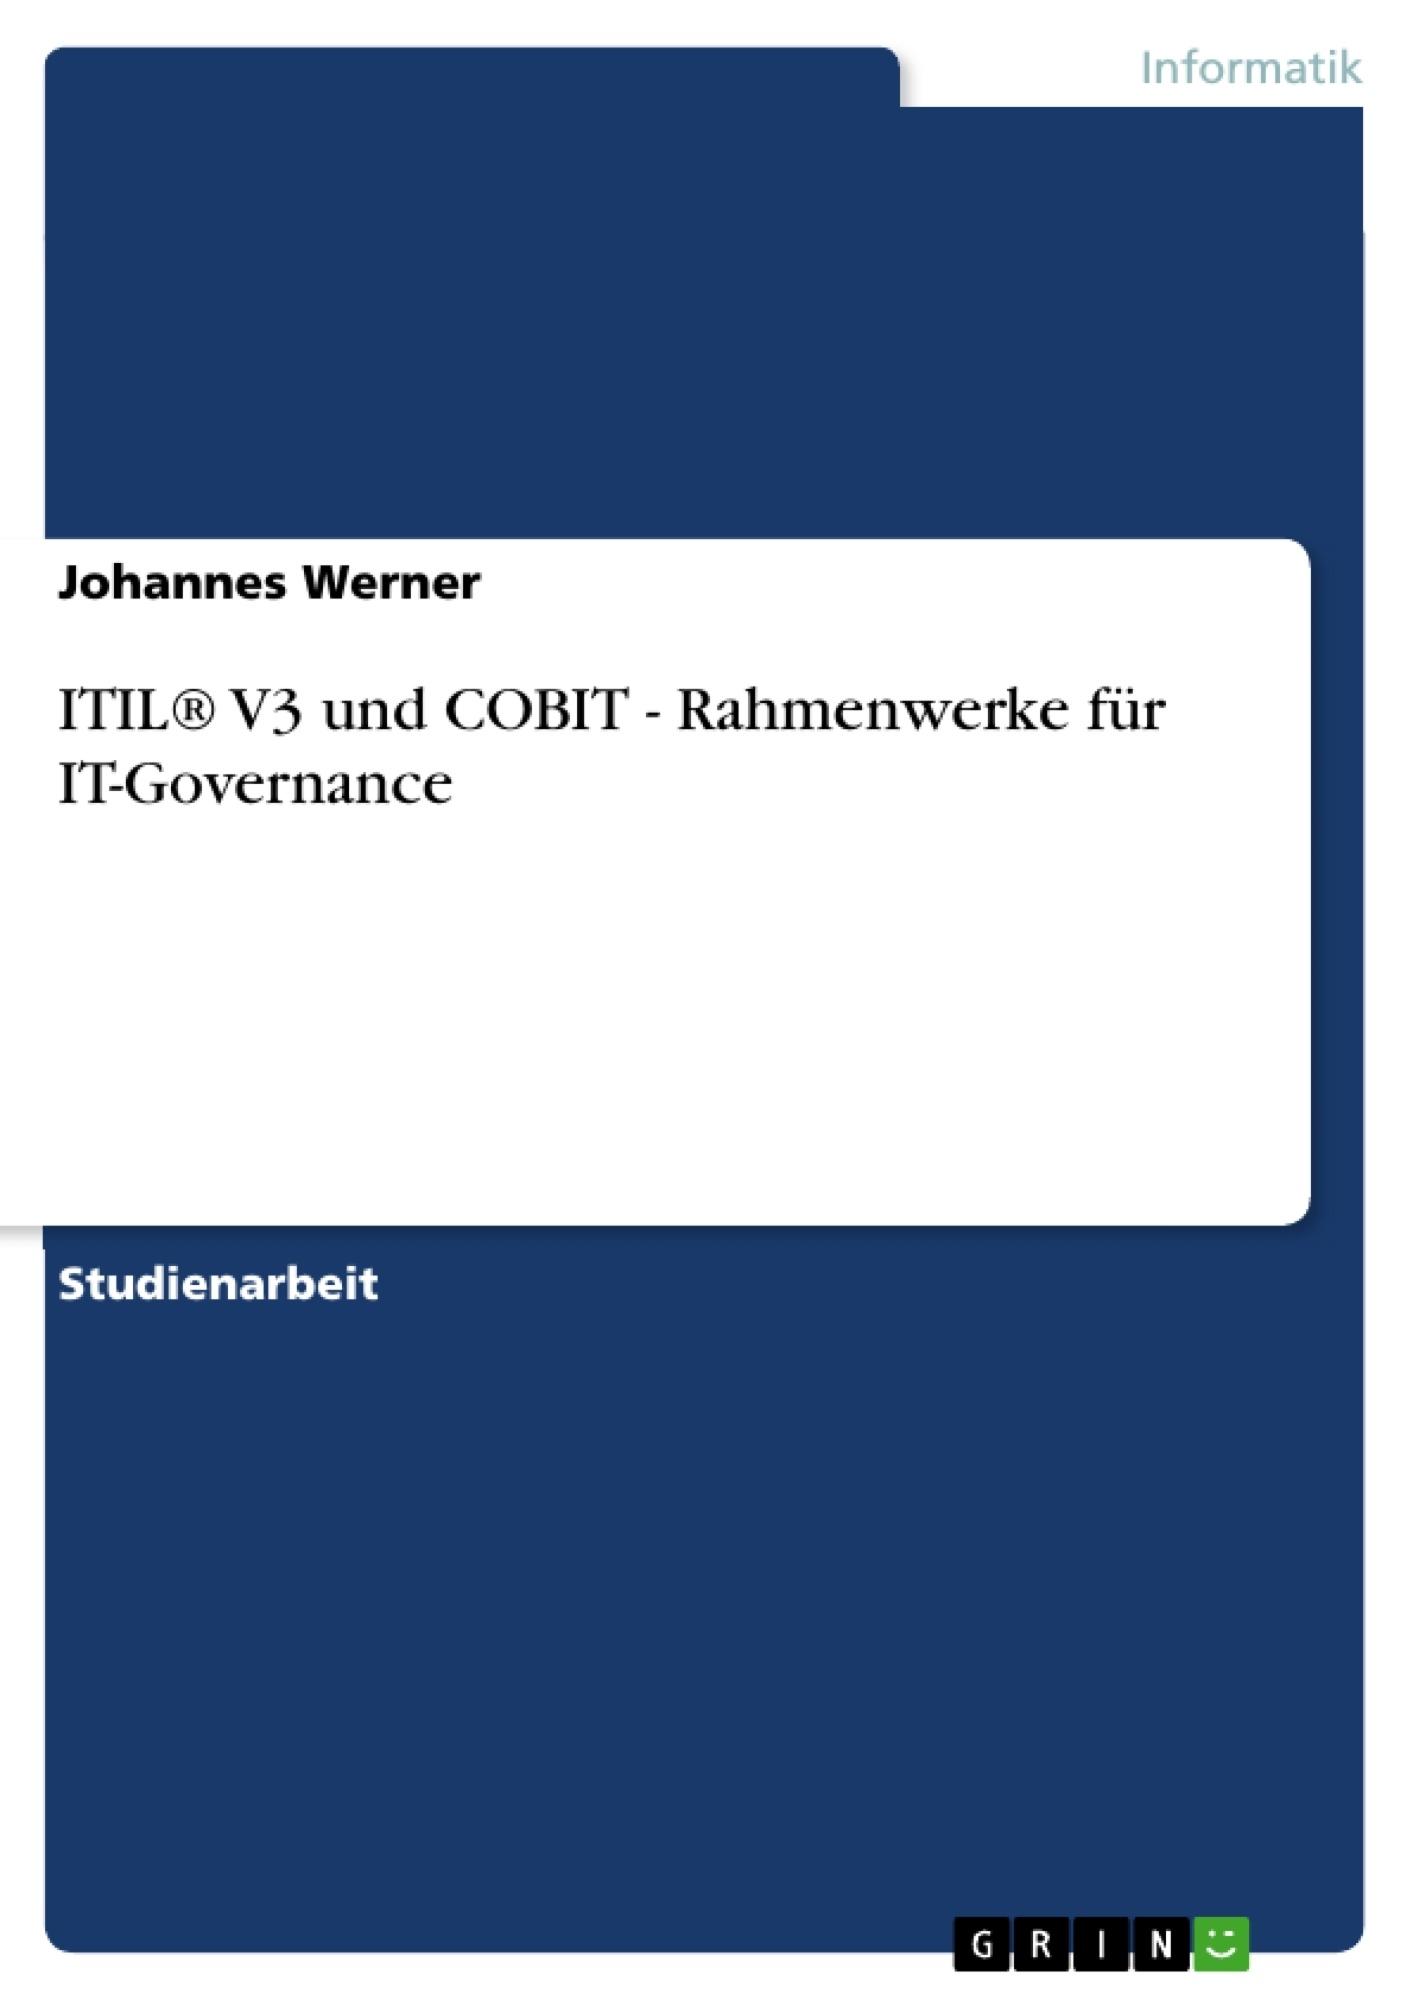 Titel: ITIL® V3 und COBIT - Rahmenwerke für IT-Governance